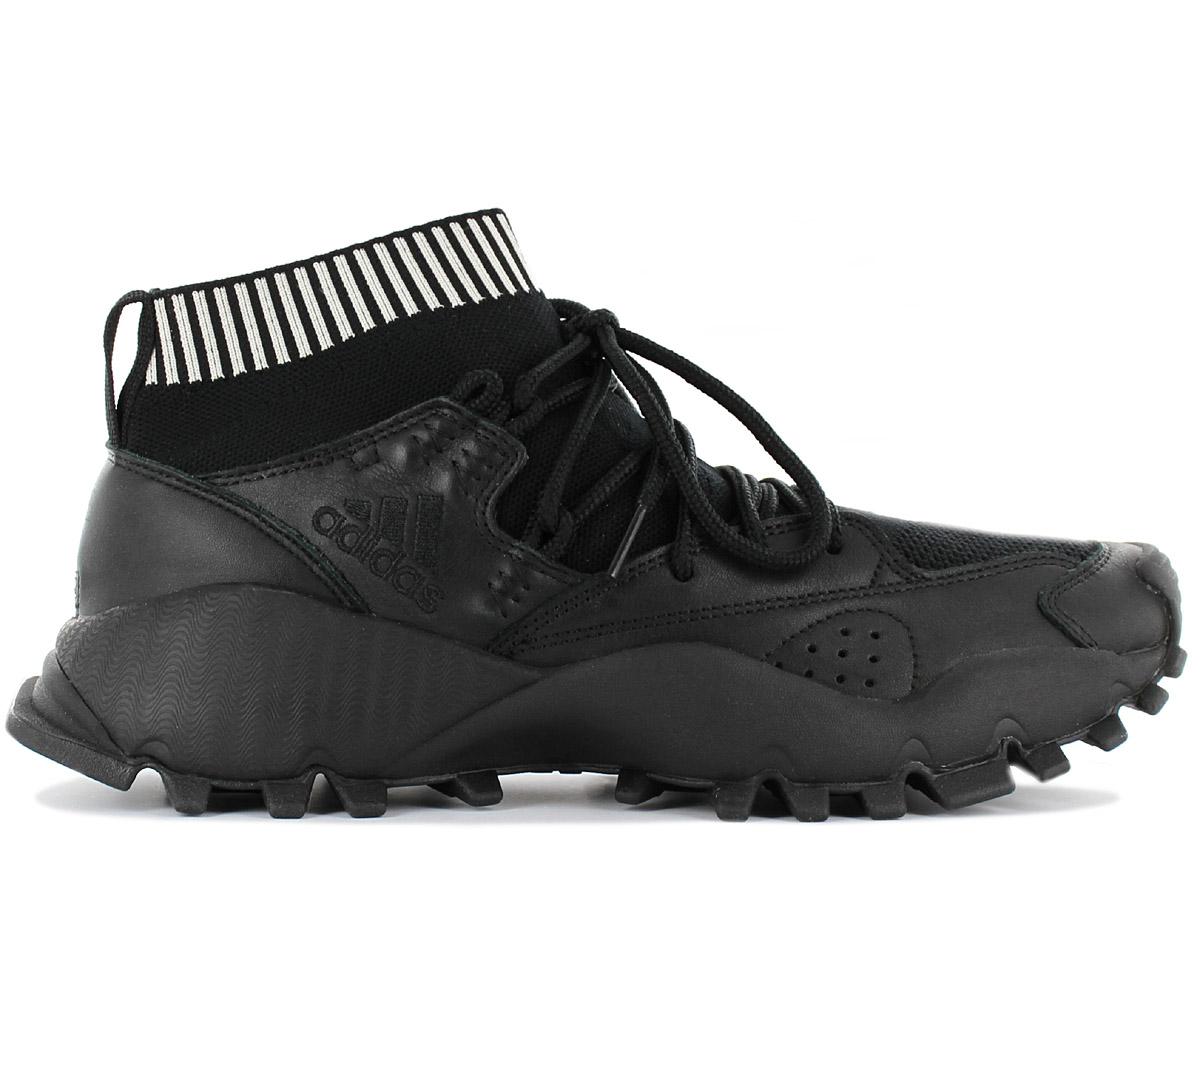 Details about Adidas Originals Seeulater Pk Primeknit Men's Sneaker Shoes Black S80039 New